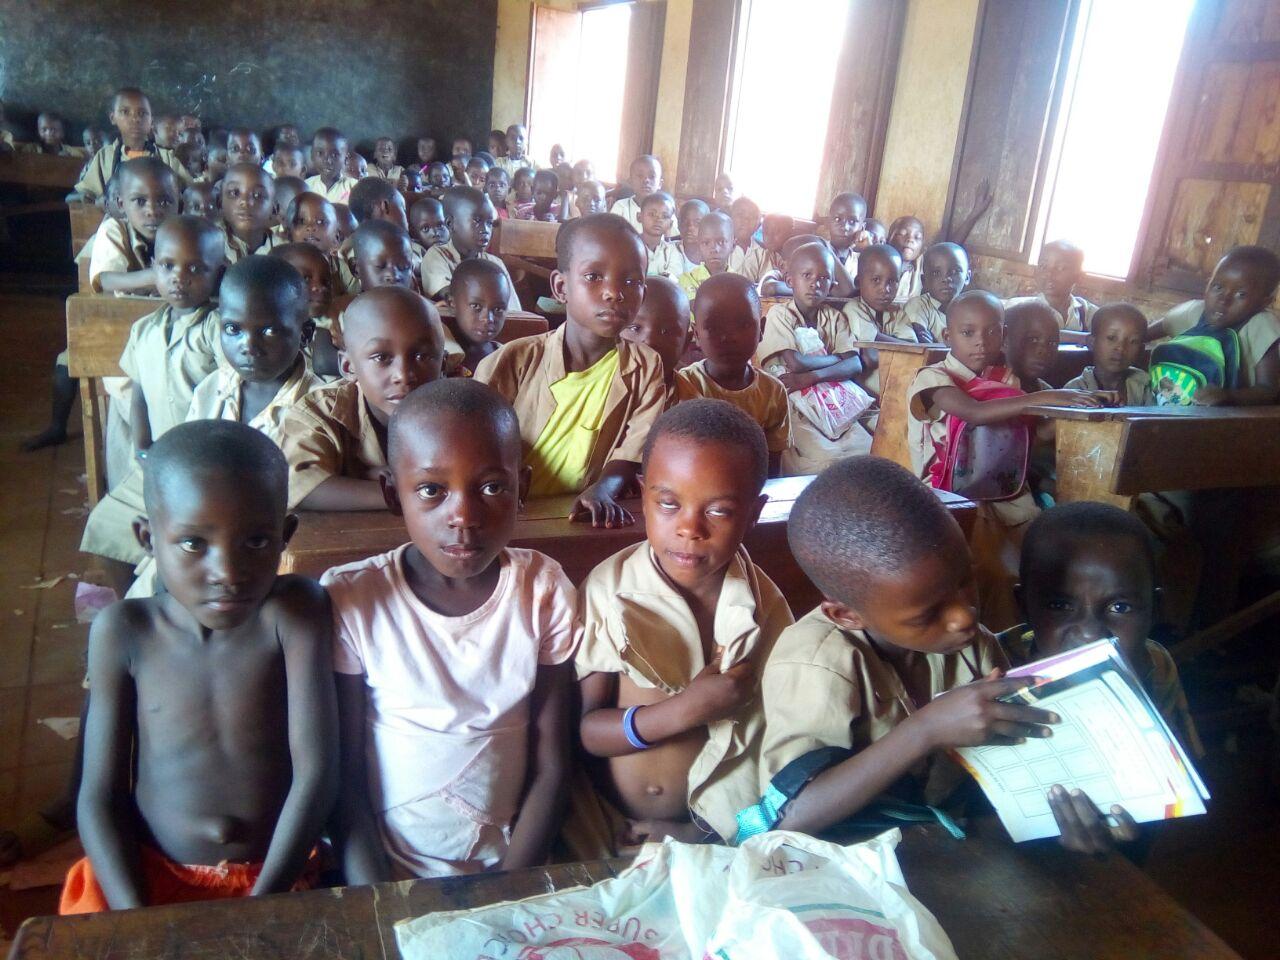 Cinq écoliers de la première année partagent le banc pupitre